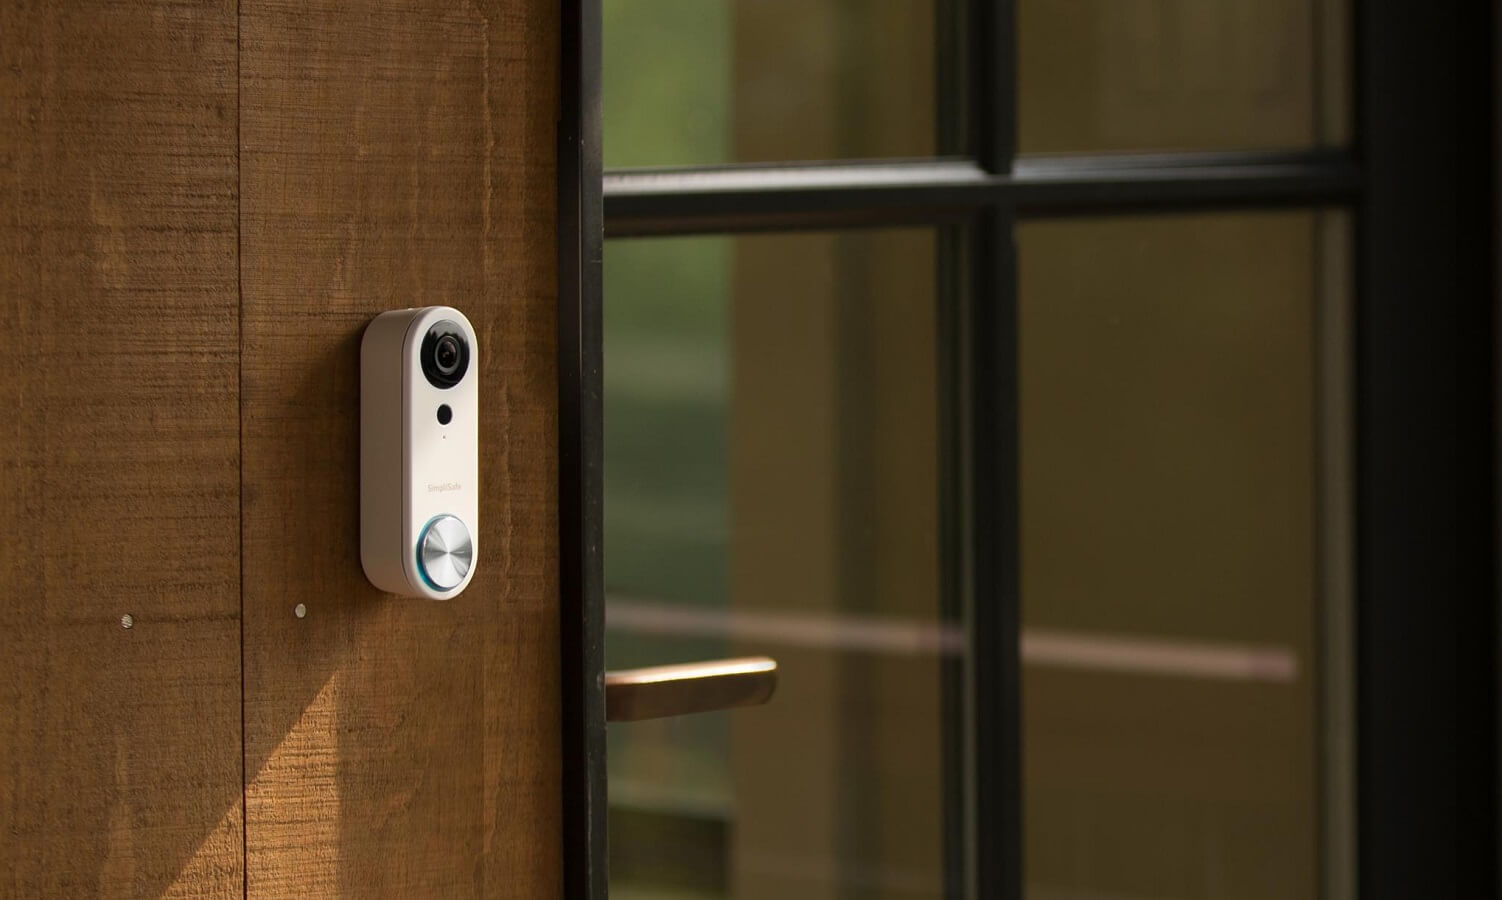 simplisafe video doorbell